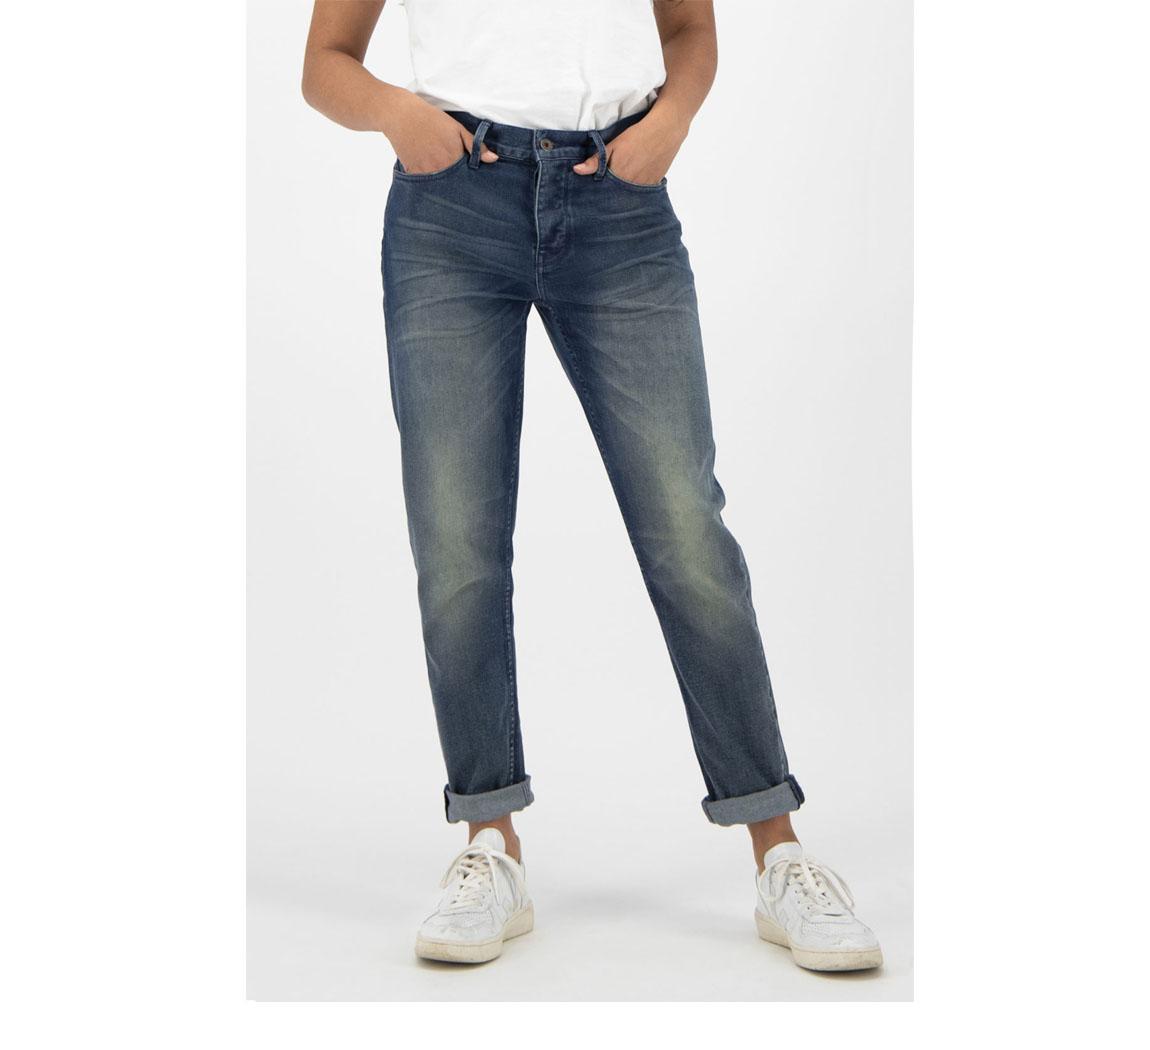 Jeans vegan et recyclé Jenna Boyfriend Sympany